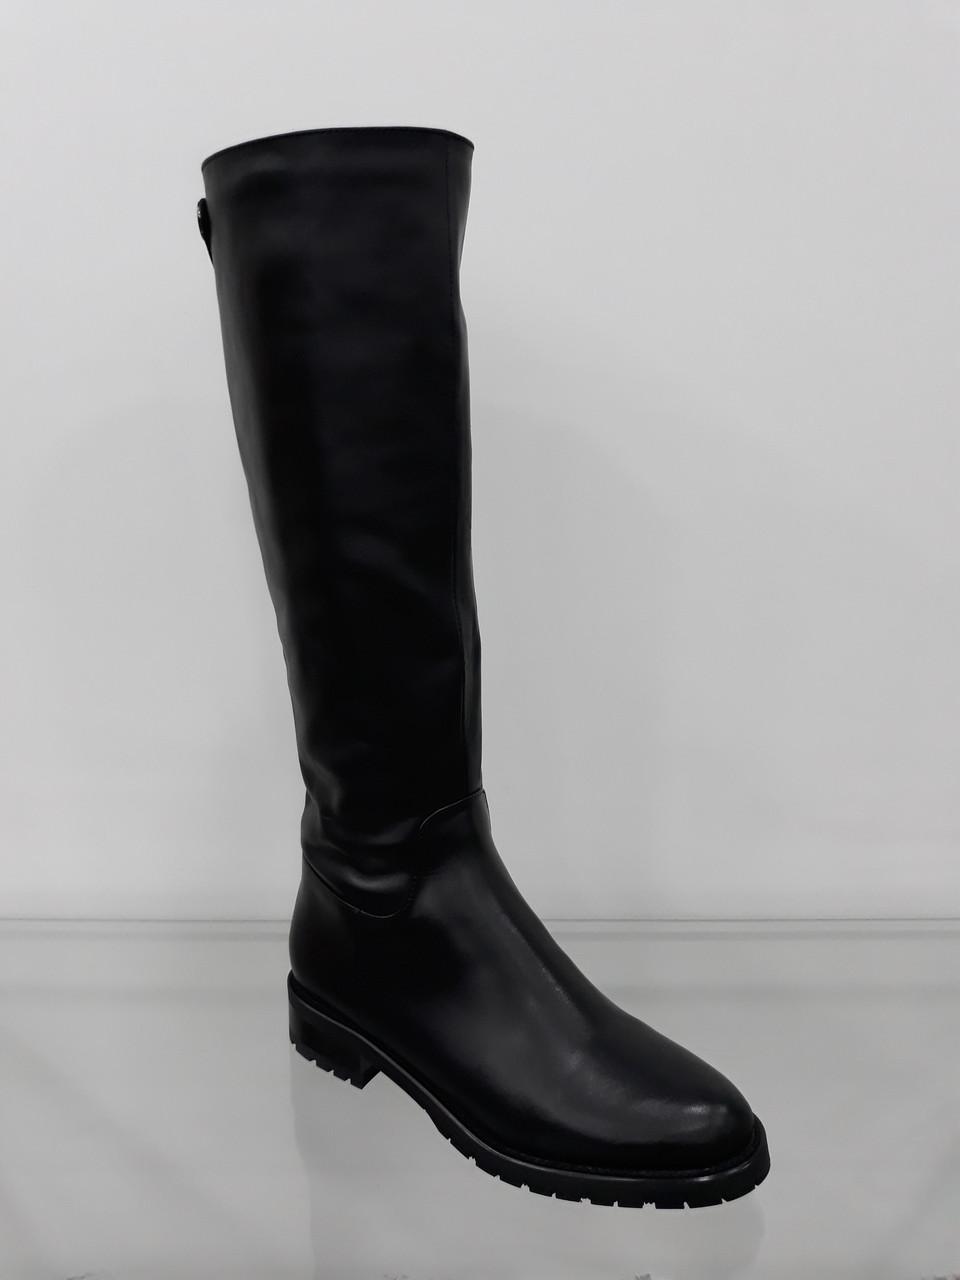 Женские зимние кожаные сапоги на низком ходу - Интернет магазин